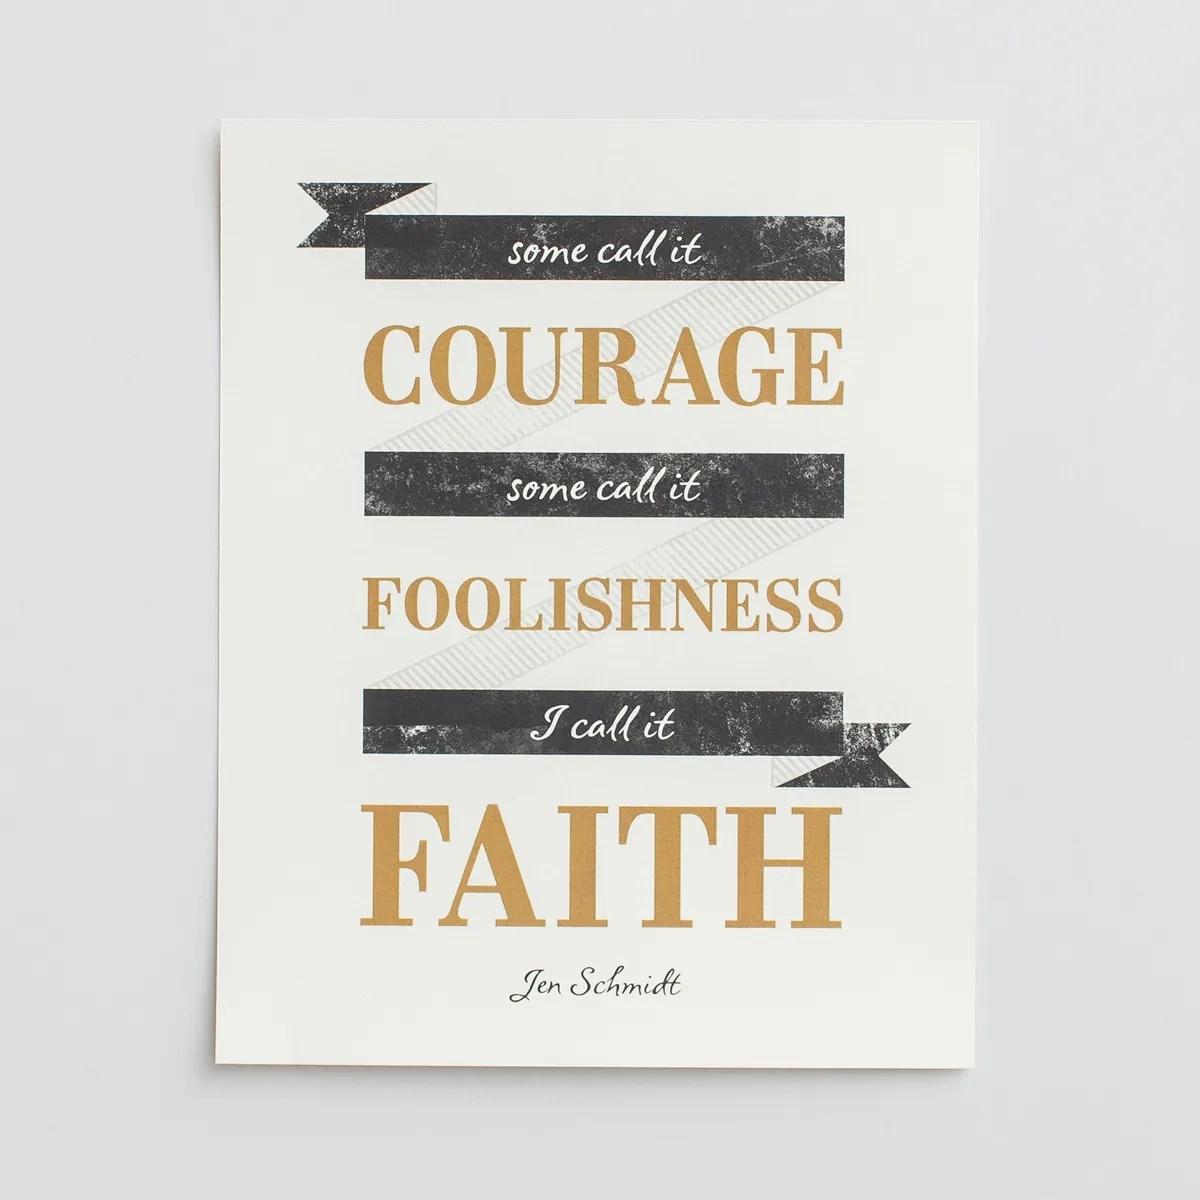 I Call It Faith